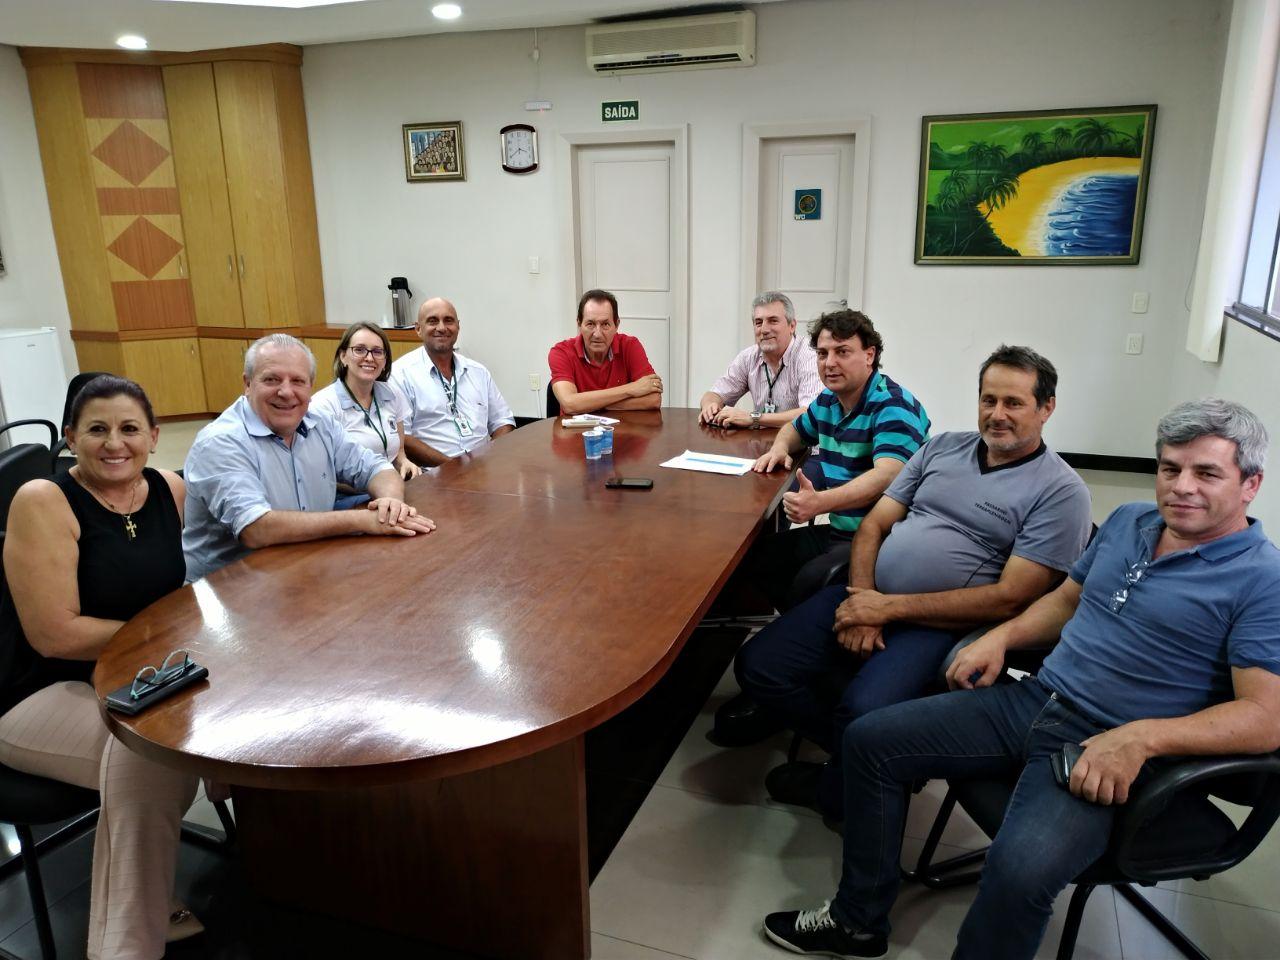 Anibelli visita o prefeito Raul do Município de Dois Vizinhos